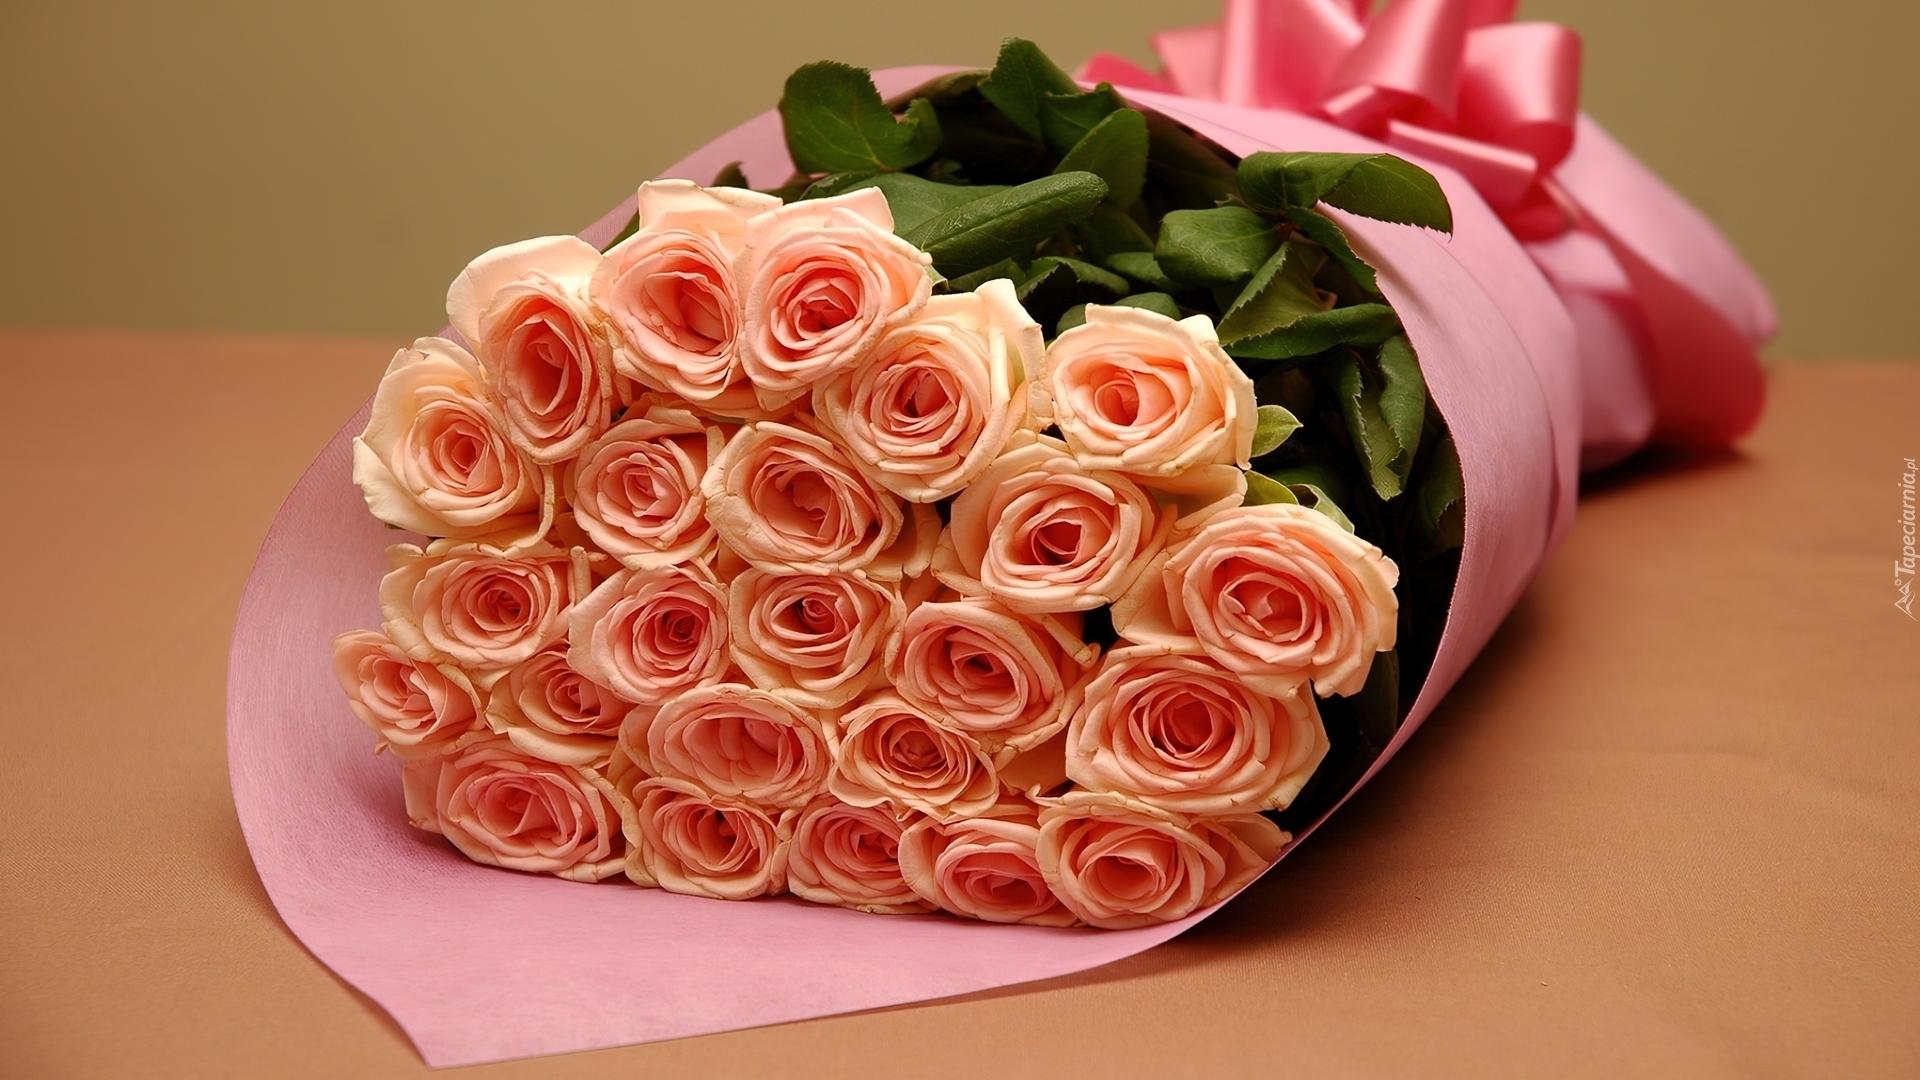 Цветы для любимой фото 2 фотография